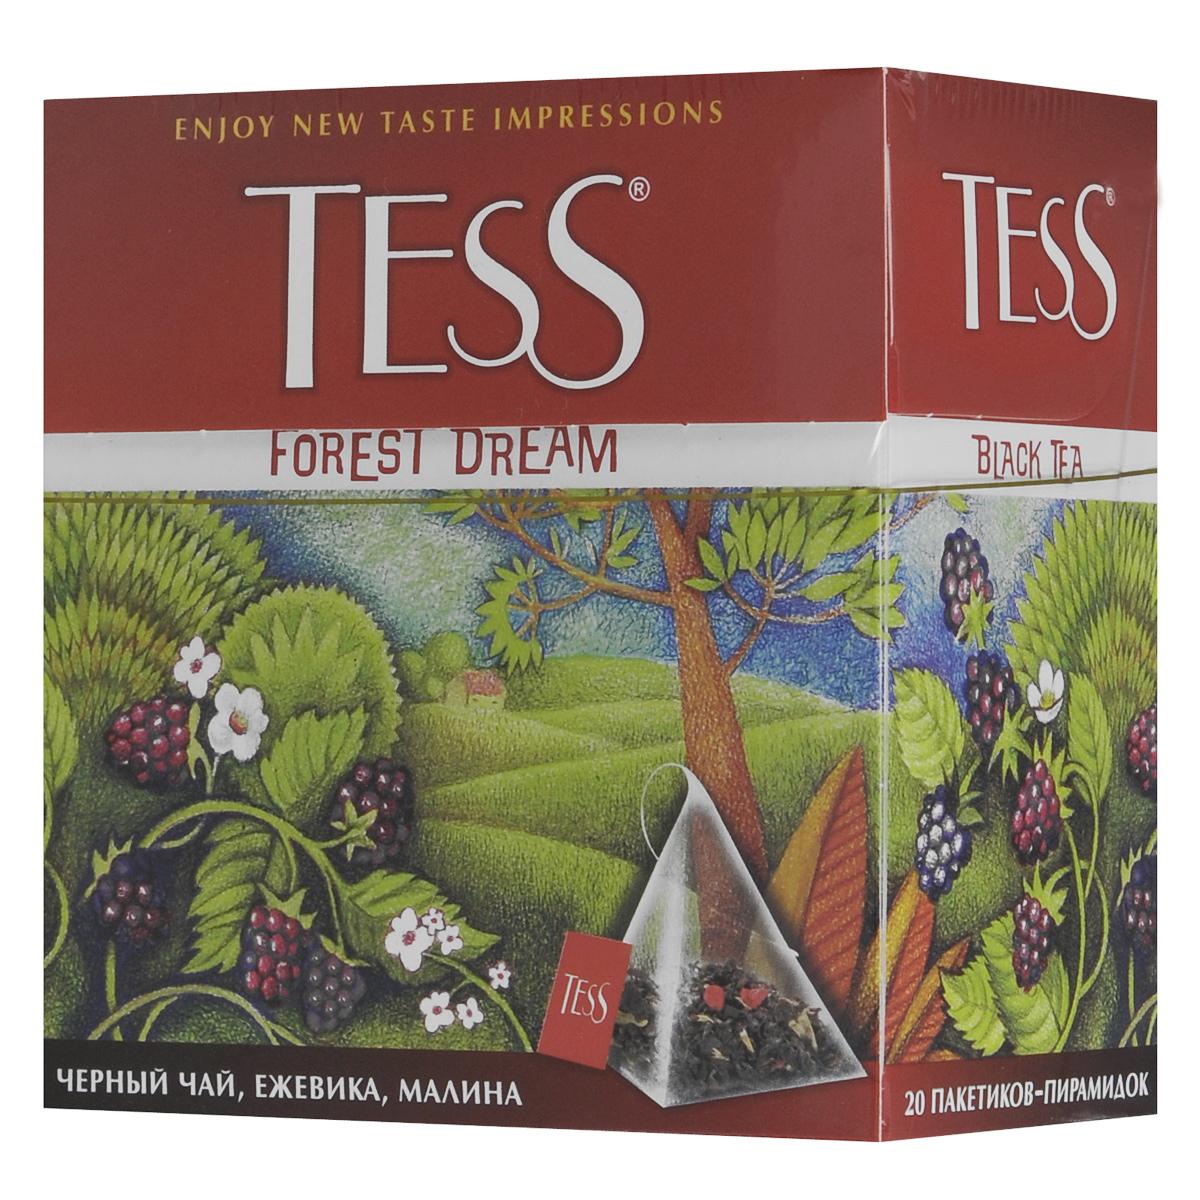 Tess Forest Dream черный чай в пирамидках, 20 шт0120710Чудесная композиция благородного цейлонского чая Tess Forest Dream в пирамидках с кусочками ежевики и малины открывает новый великолепный вкус, в котором слышится благоухание ягодной опушки, согретой июльским солнцем.